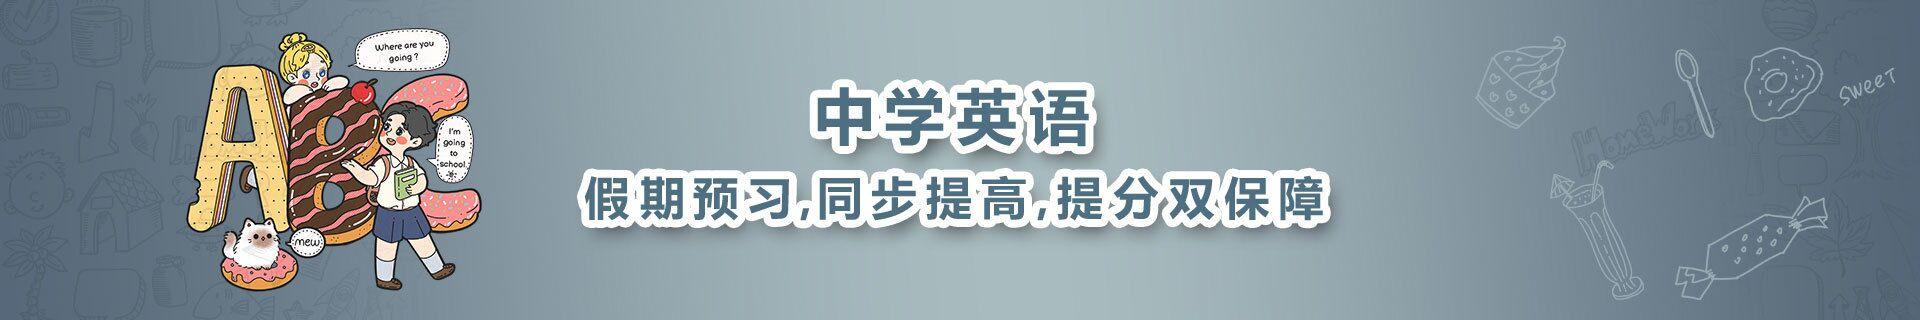 北京学霸君中小学一对一在线辅导机构